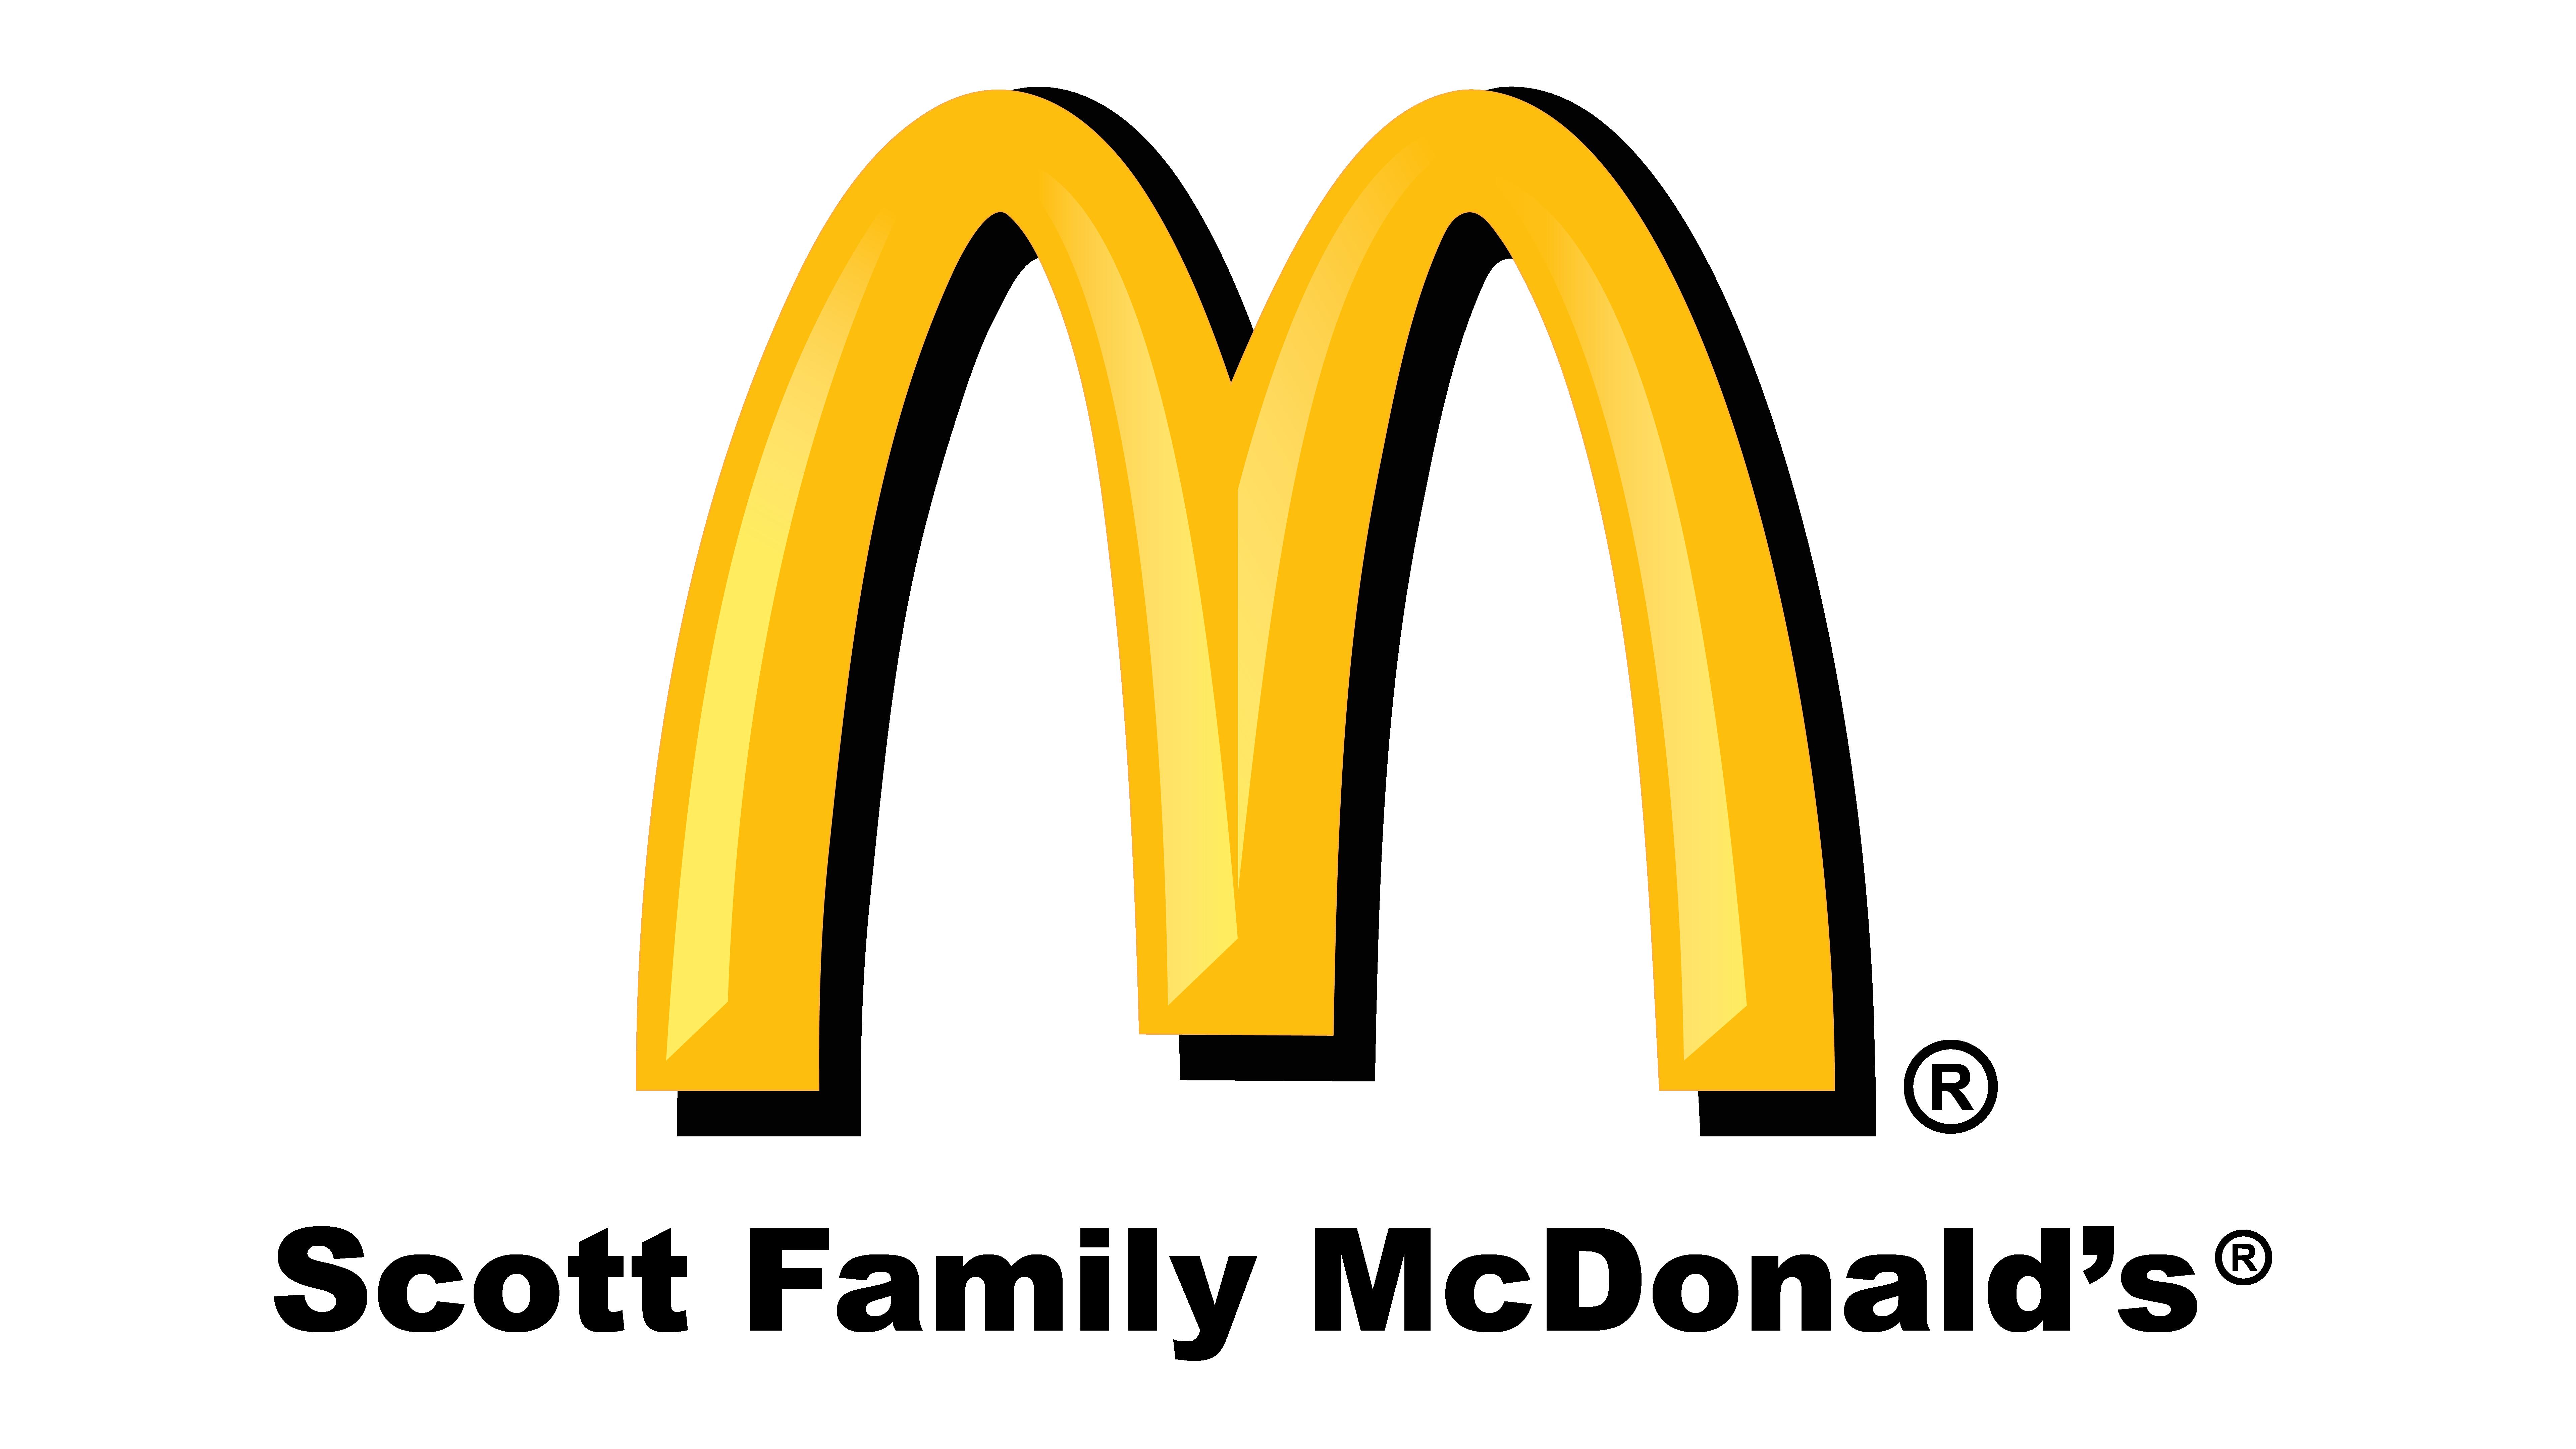 Scott Family McDonalds